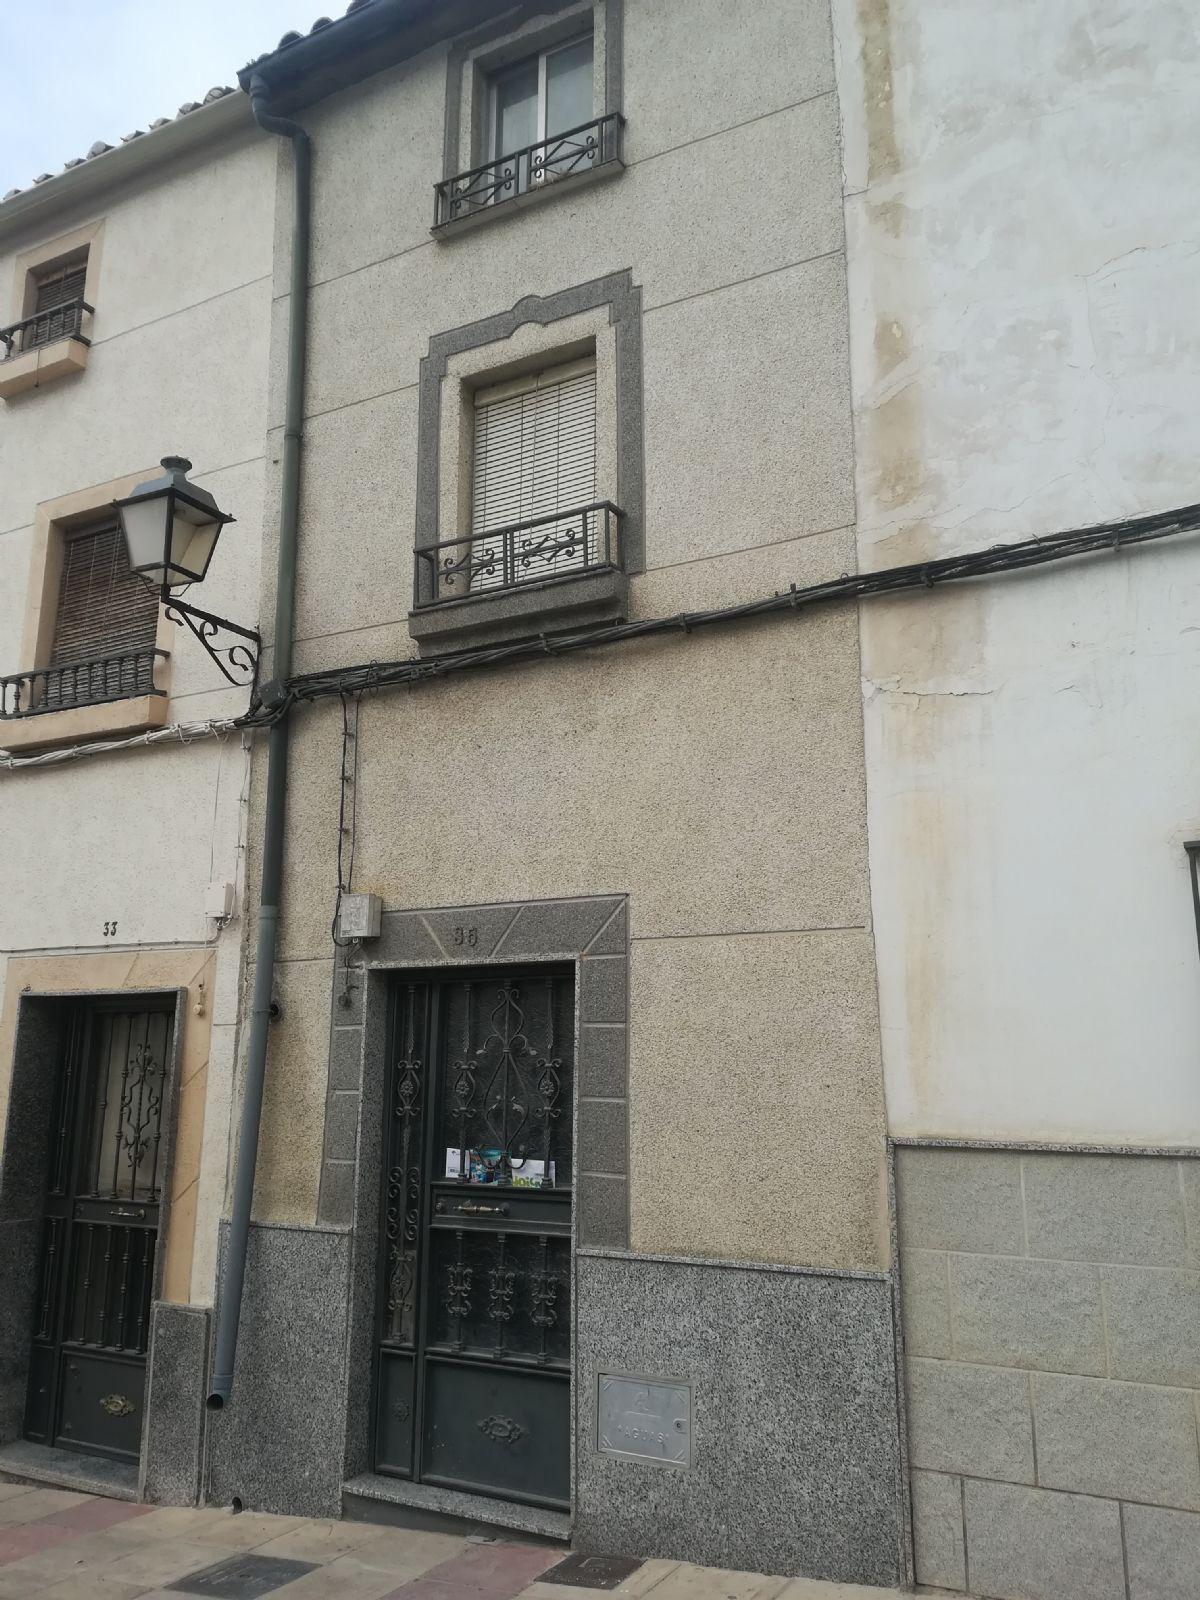 Casa en venta en Martos, Jaén, Calle Alta Santa Lucia, 22.000 €, 2 habitaciones, 1 baño, 95 m2